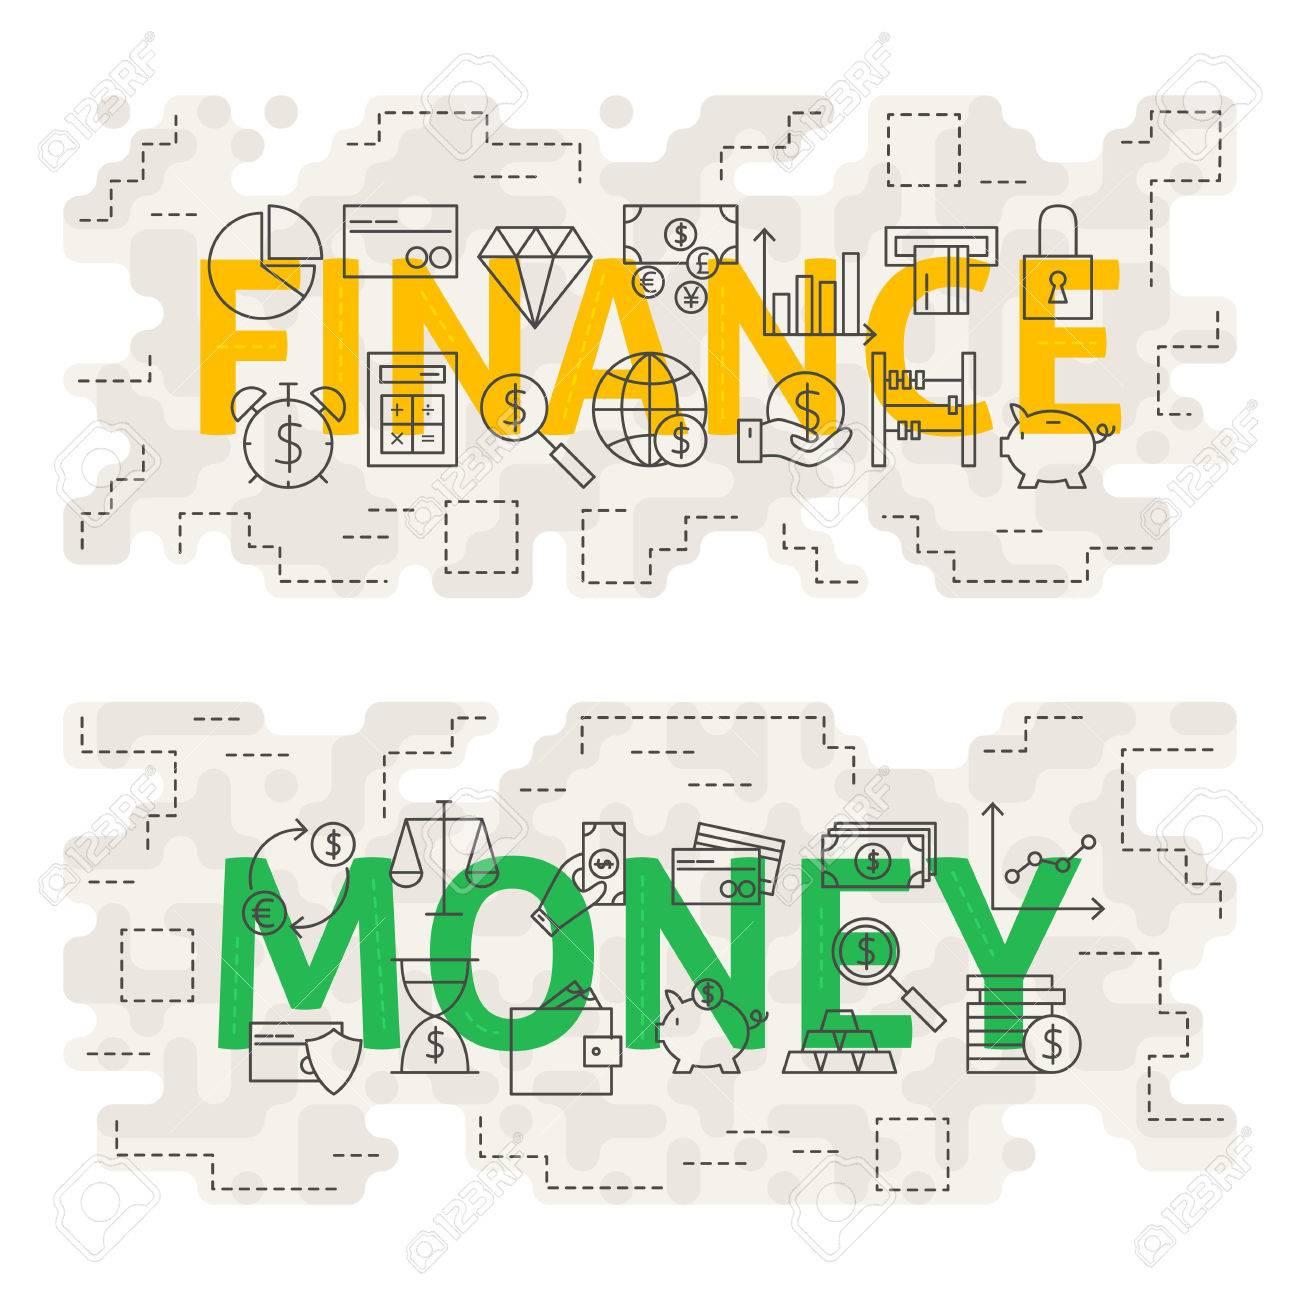 Ezmoney loans image 2